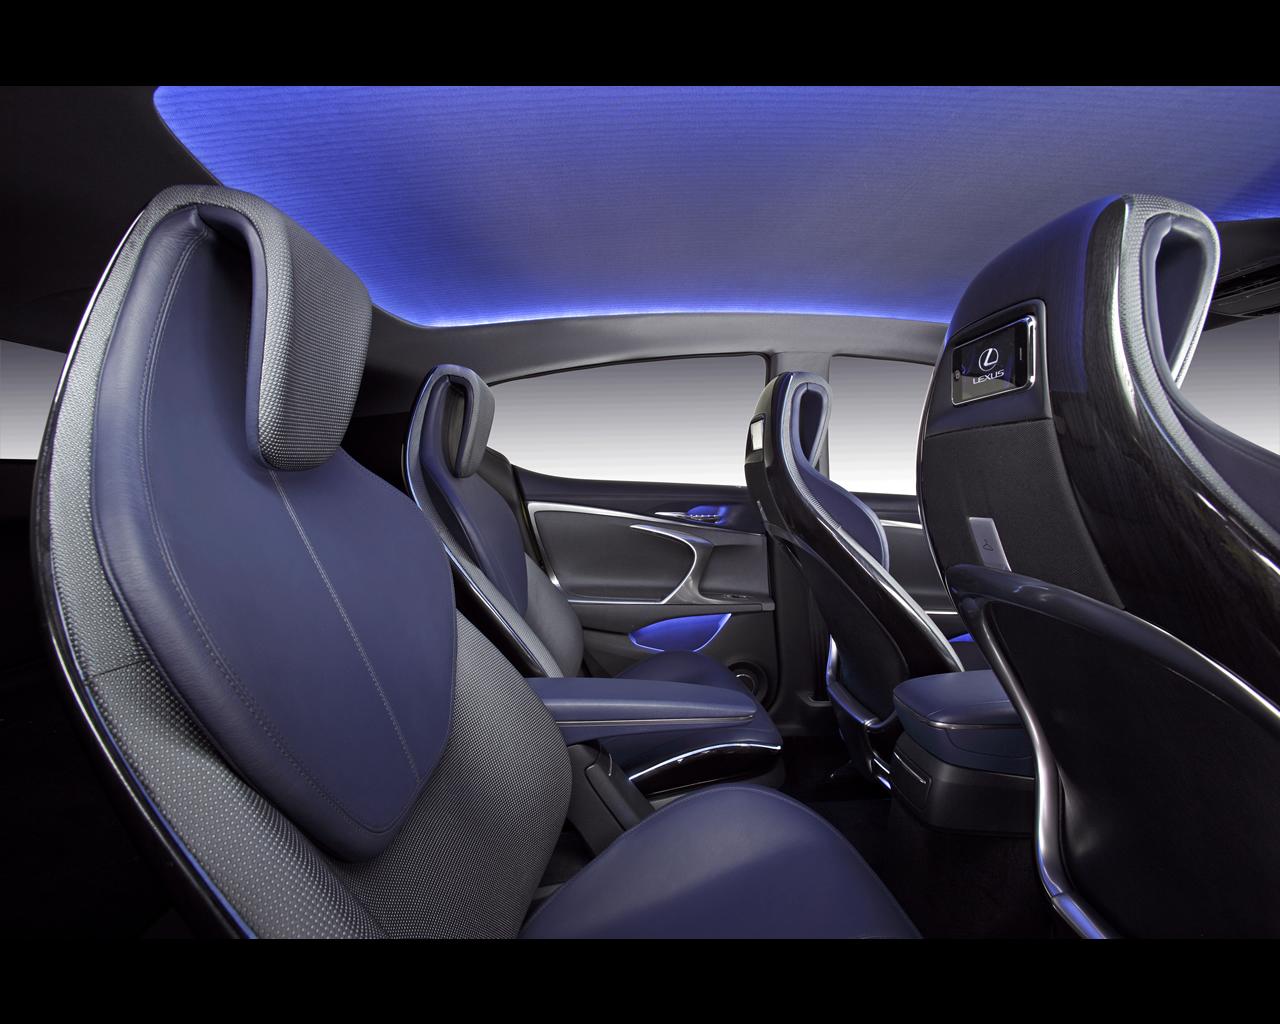 http://www.autoconcept-reviews.com/cars_reviews/lexus/lexus-lf-ch-concept-2009/wallpaper/image11.jpg